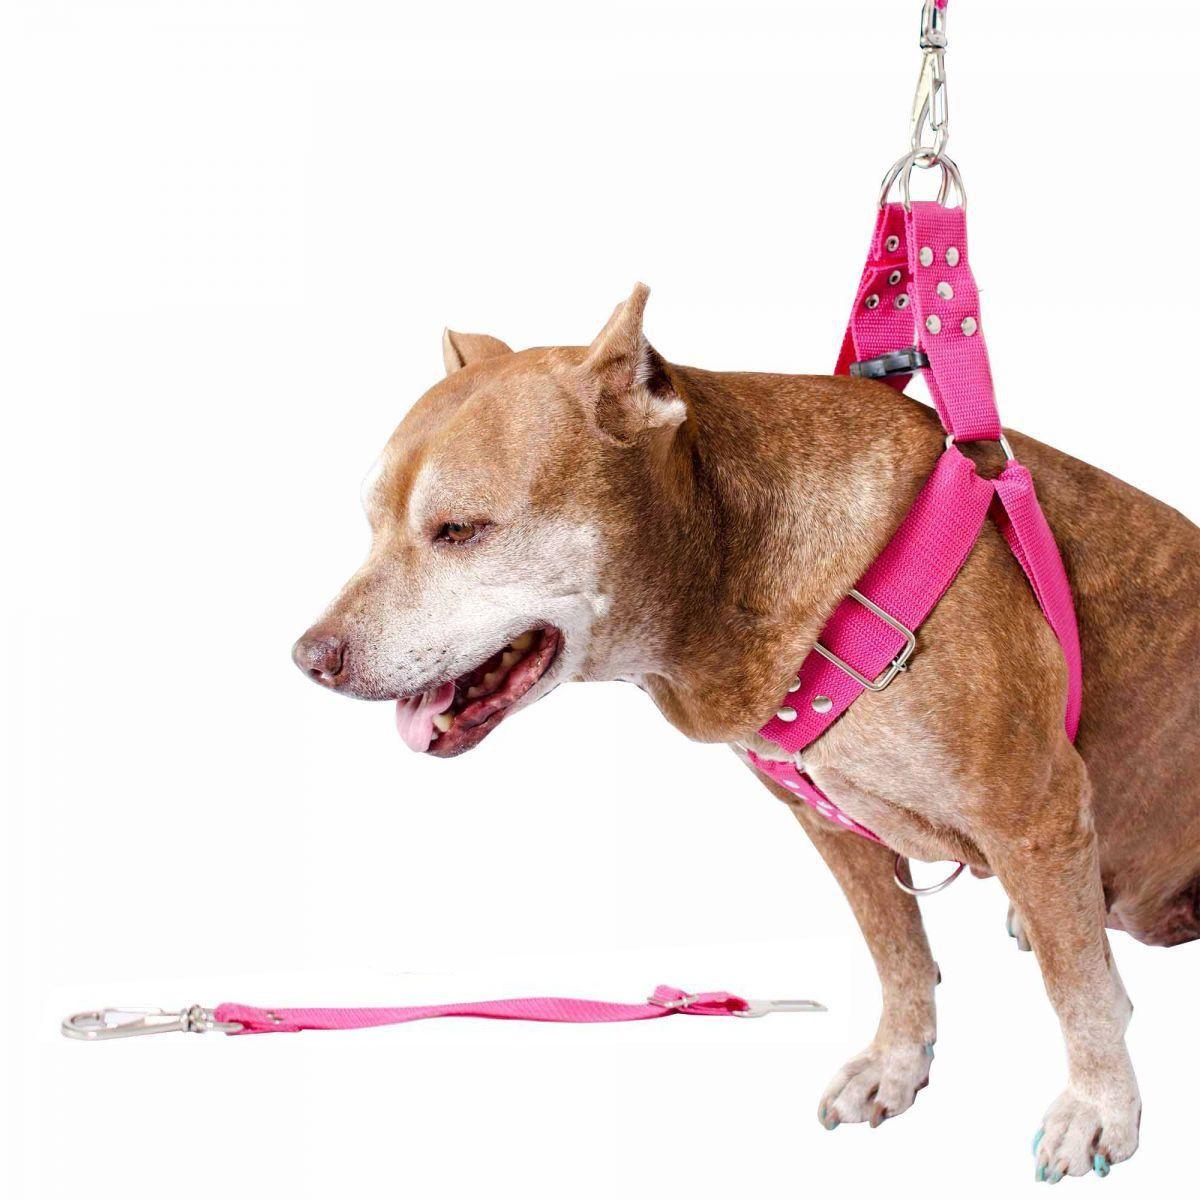 Coleira Peitoral Cachorro Porte Maior E Adaptador Para Cinto de Segurança Veicular Tamanho M - Cor Rosa